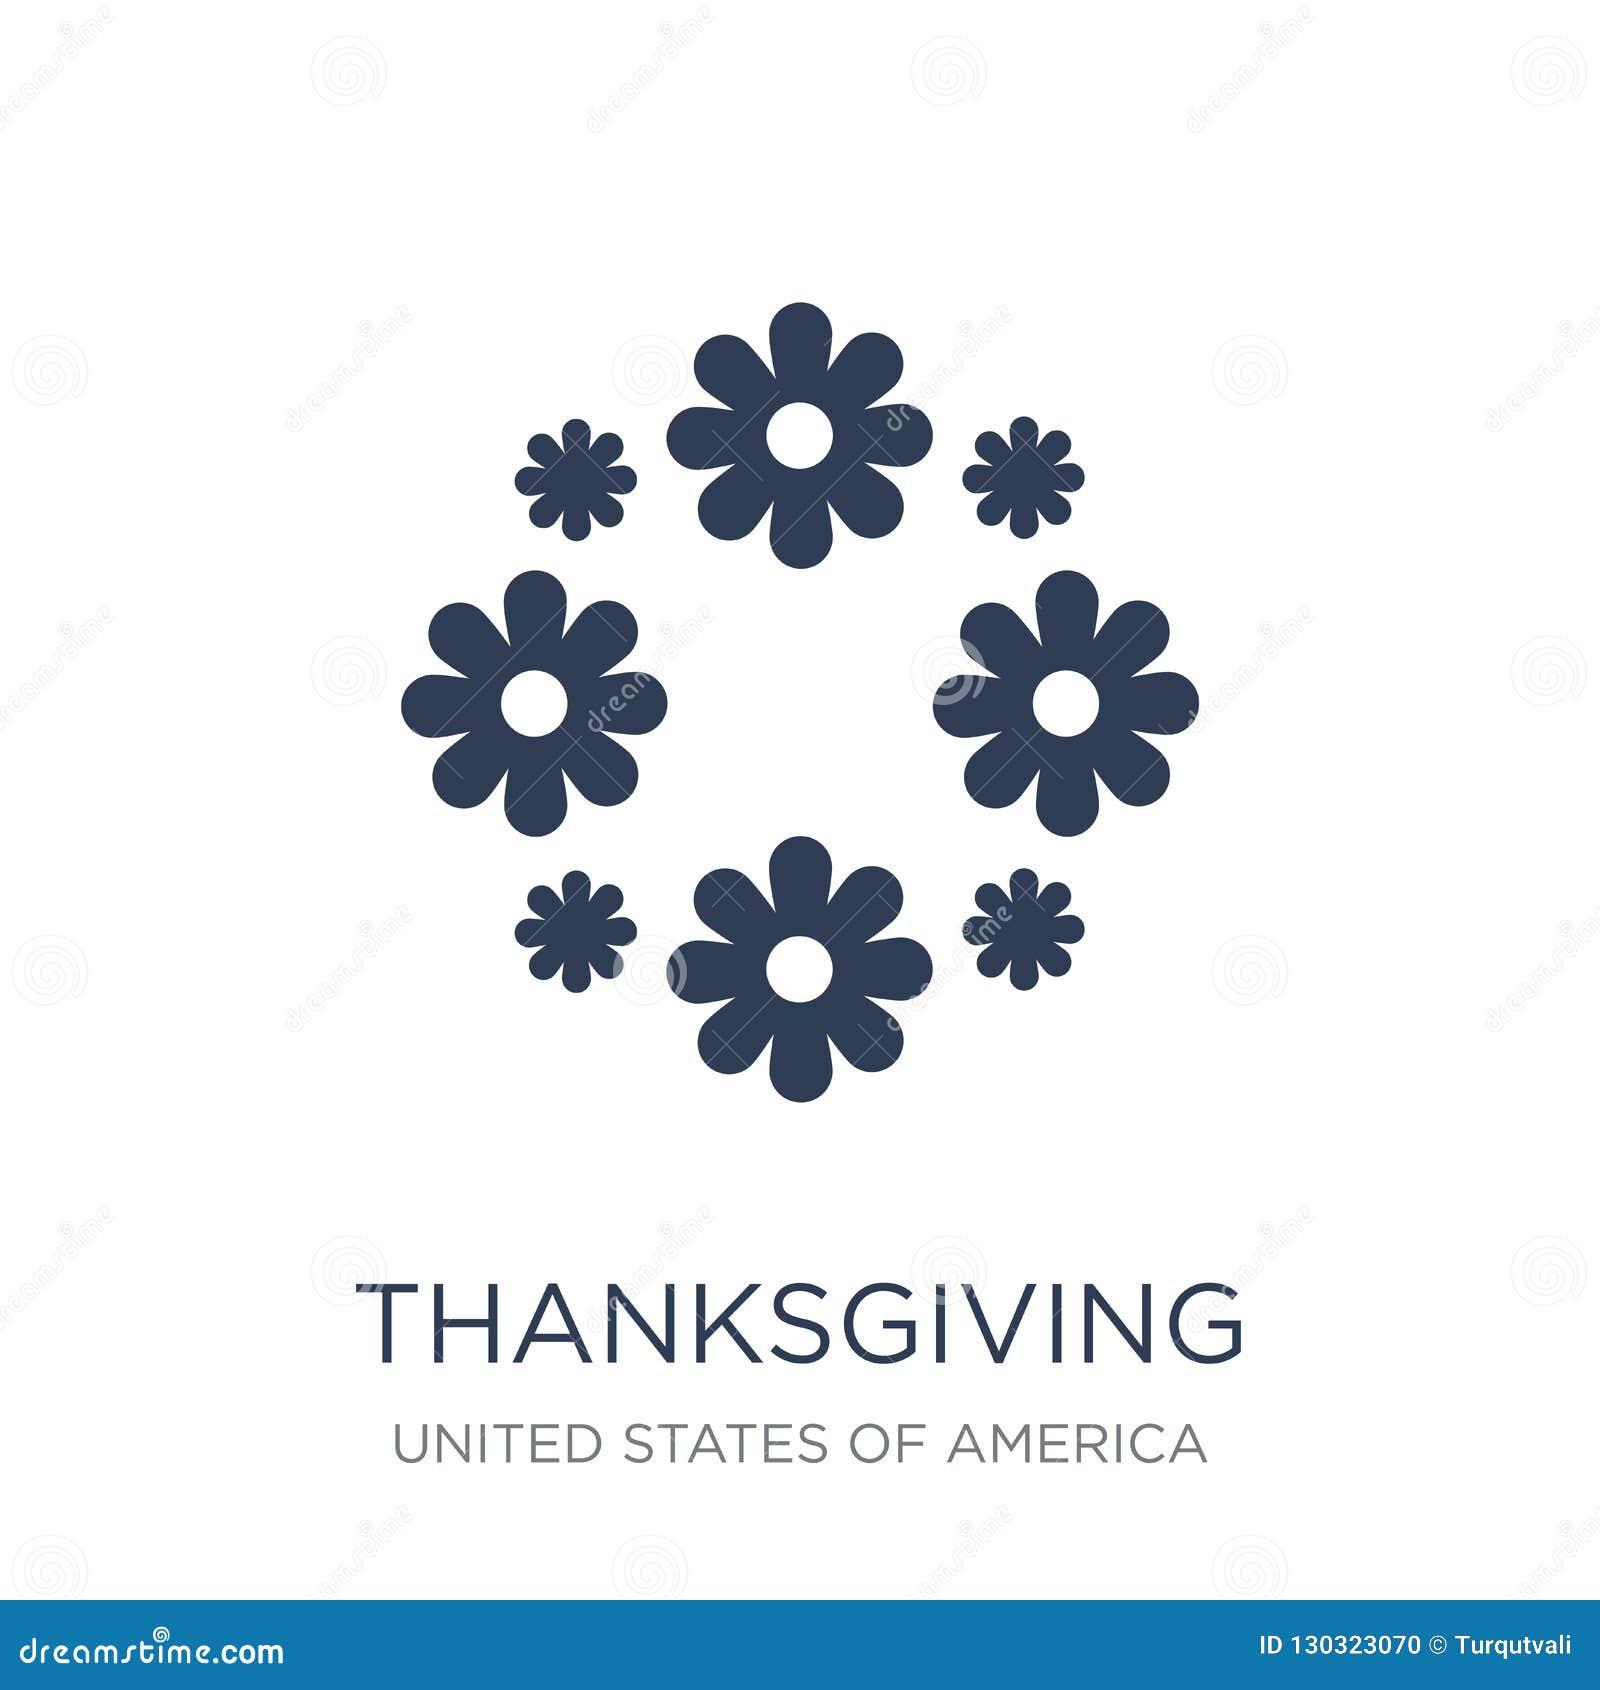 Εικονίδιο διακοσμήσεων ημέρας των ευχαριστιών Καθιερώνον τη μόδα επίπεδο διανυσματικό orna ημέρας των ευχαριστιών